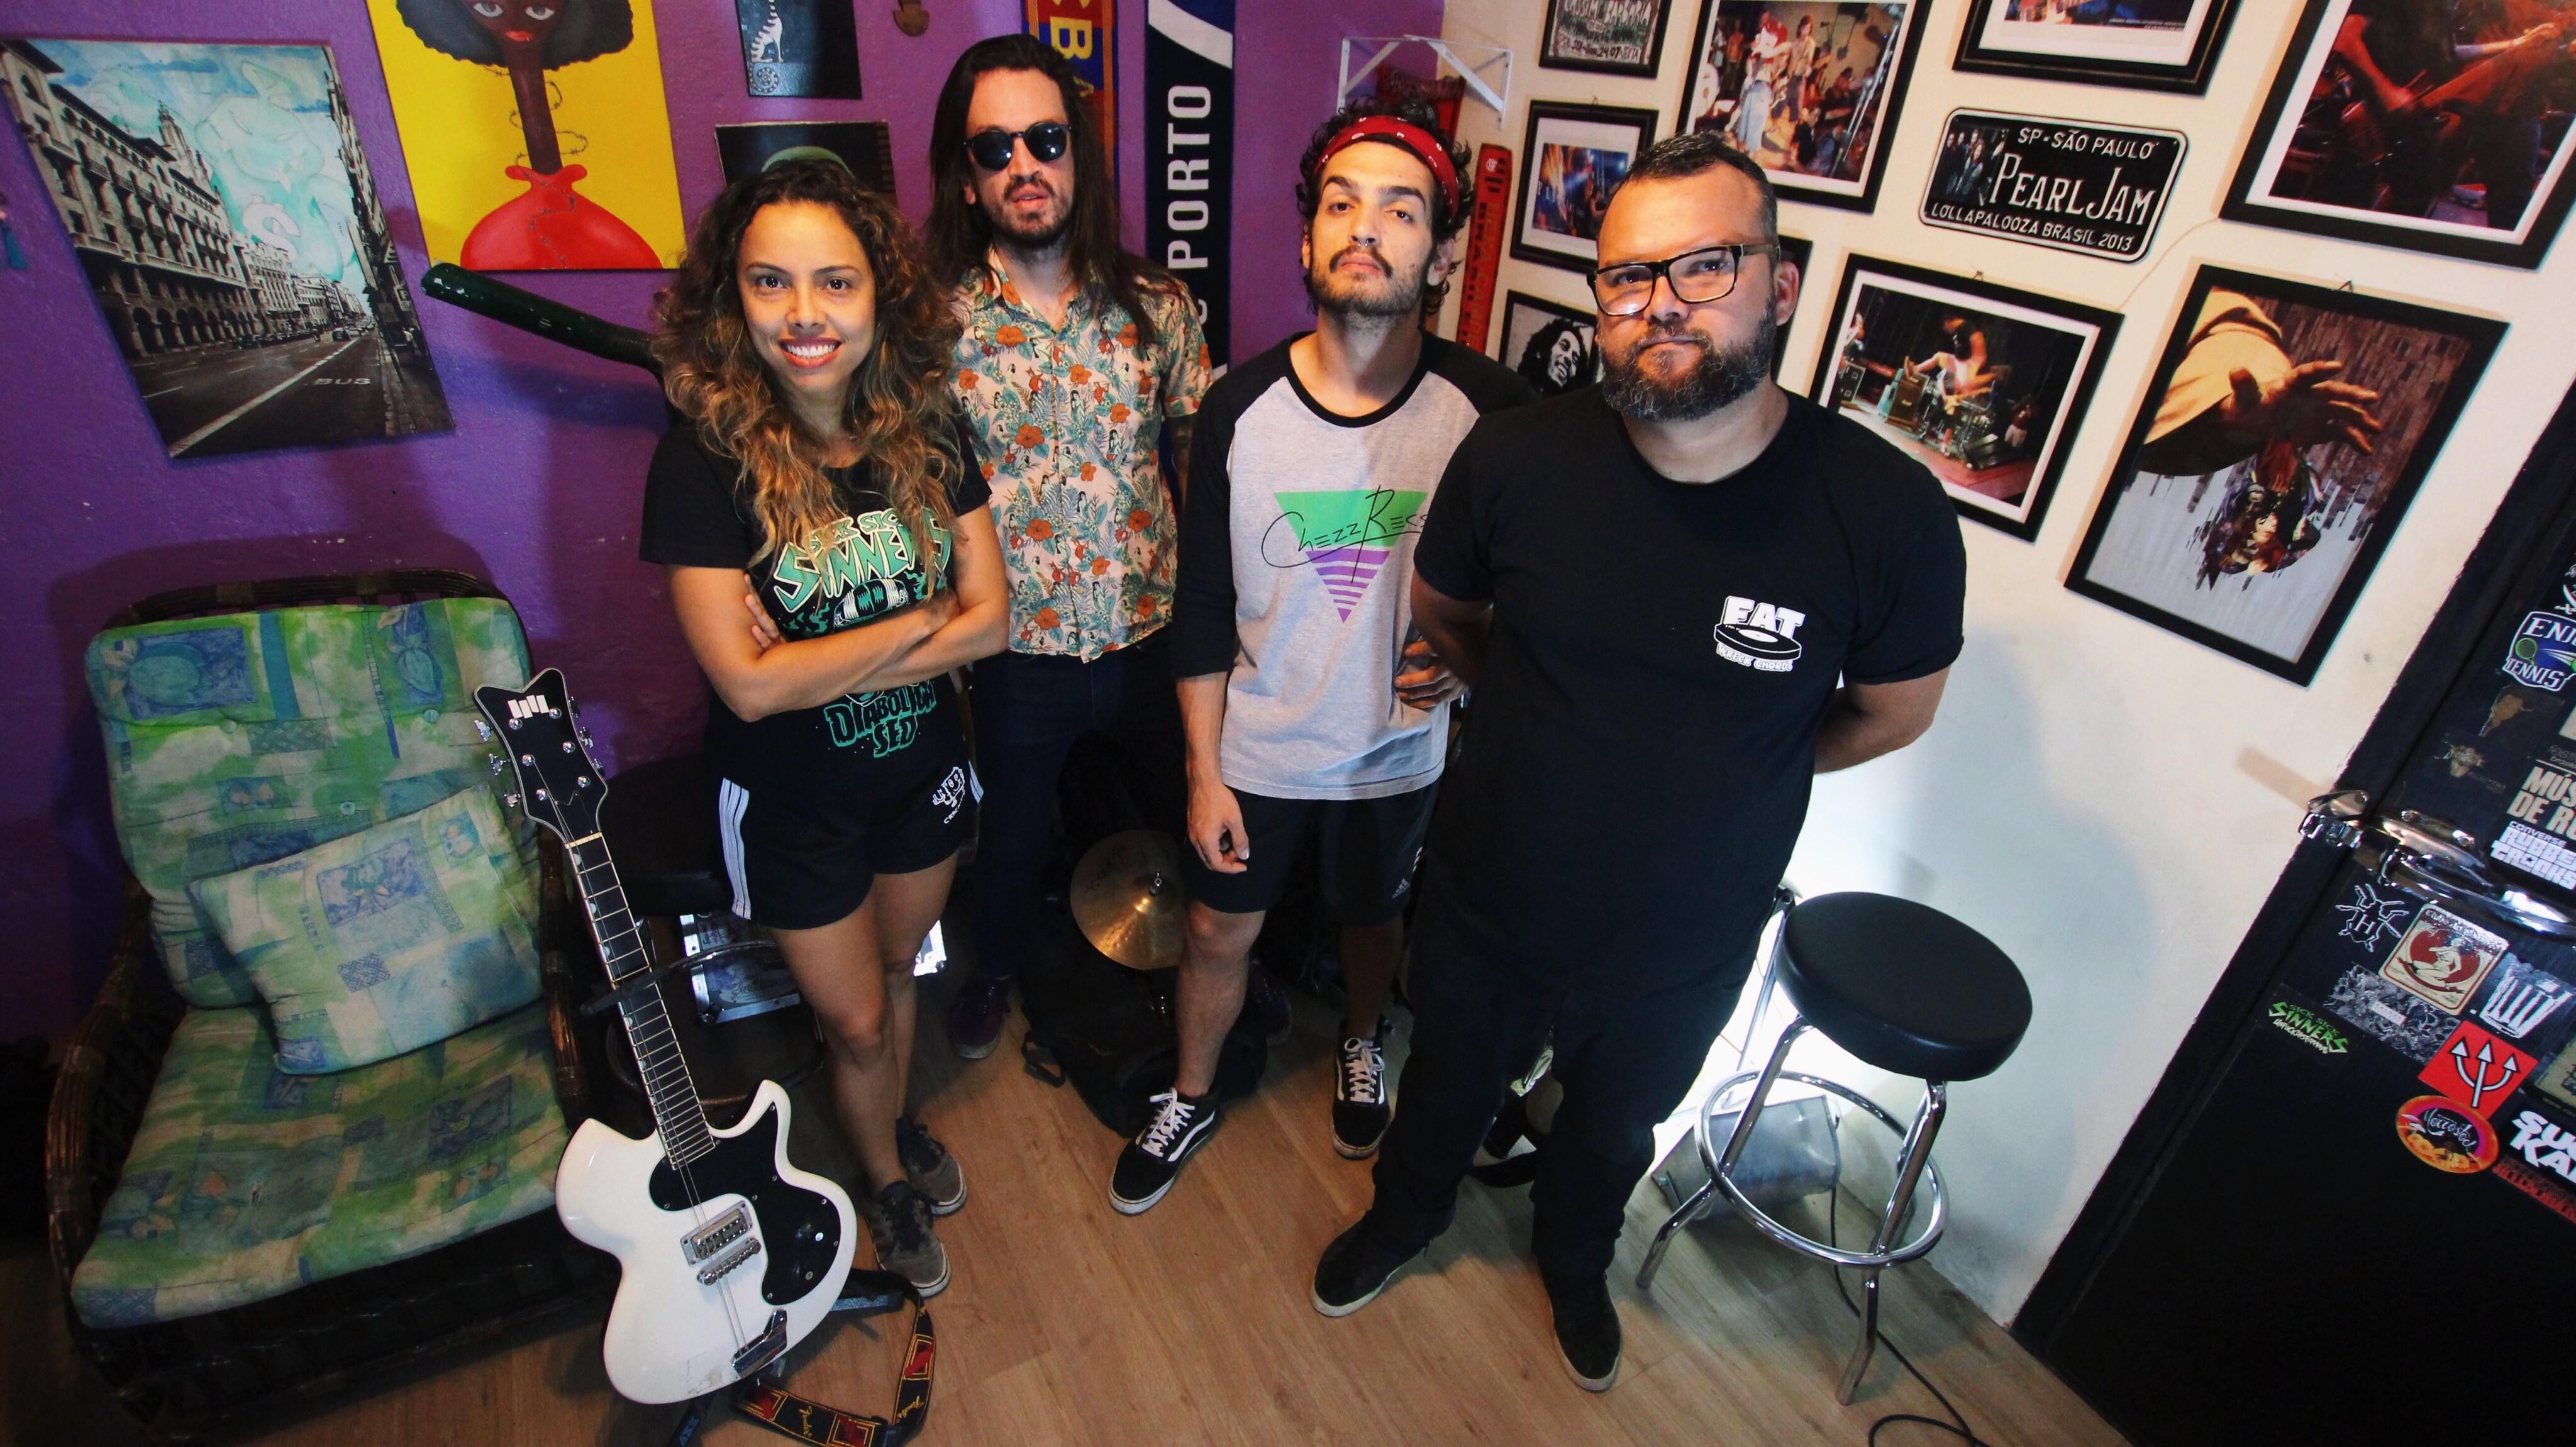 Camarones Orquestra Guitarrística se apresenta no Pólvora Cultural, em João Pessoa - Notícias - Plantão Diário